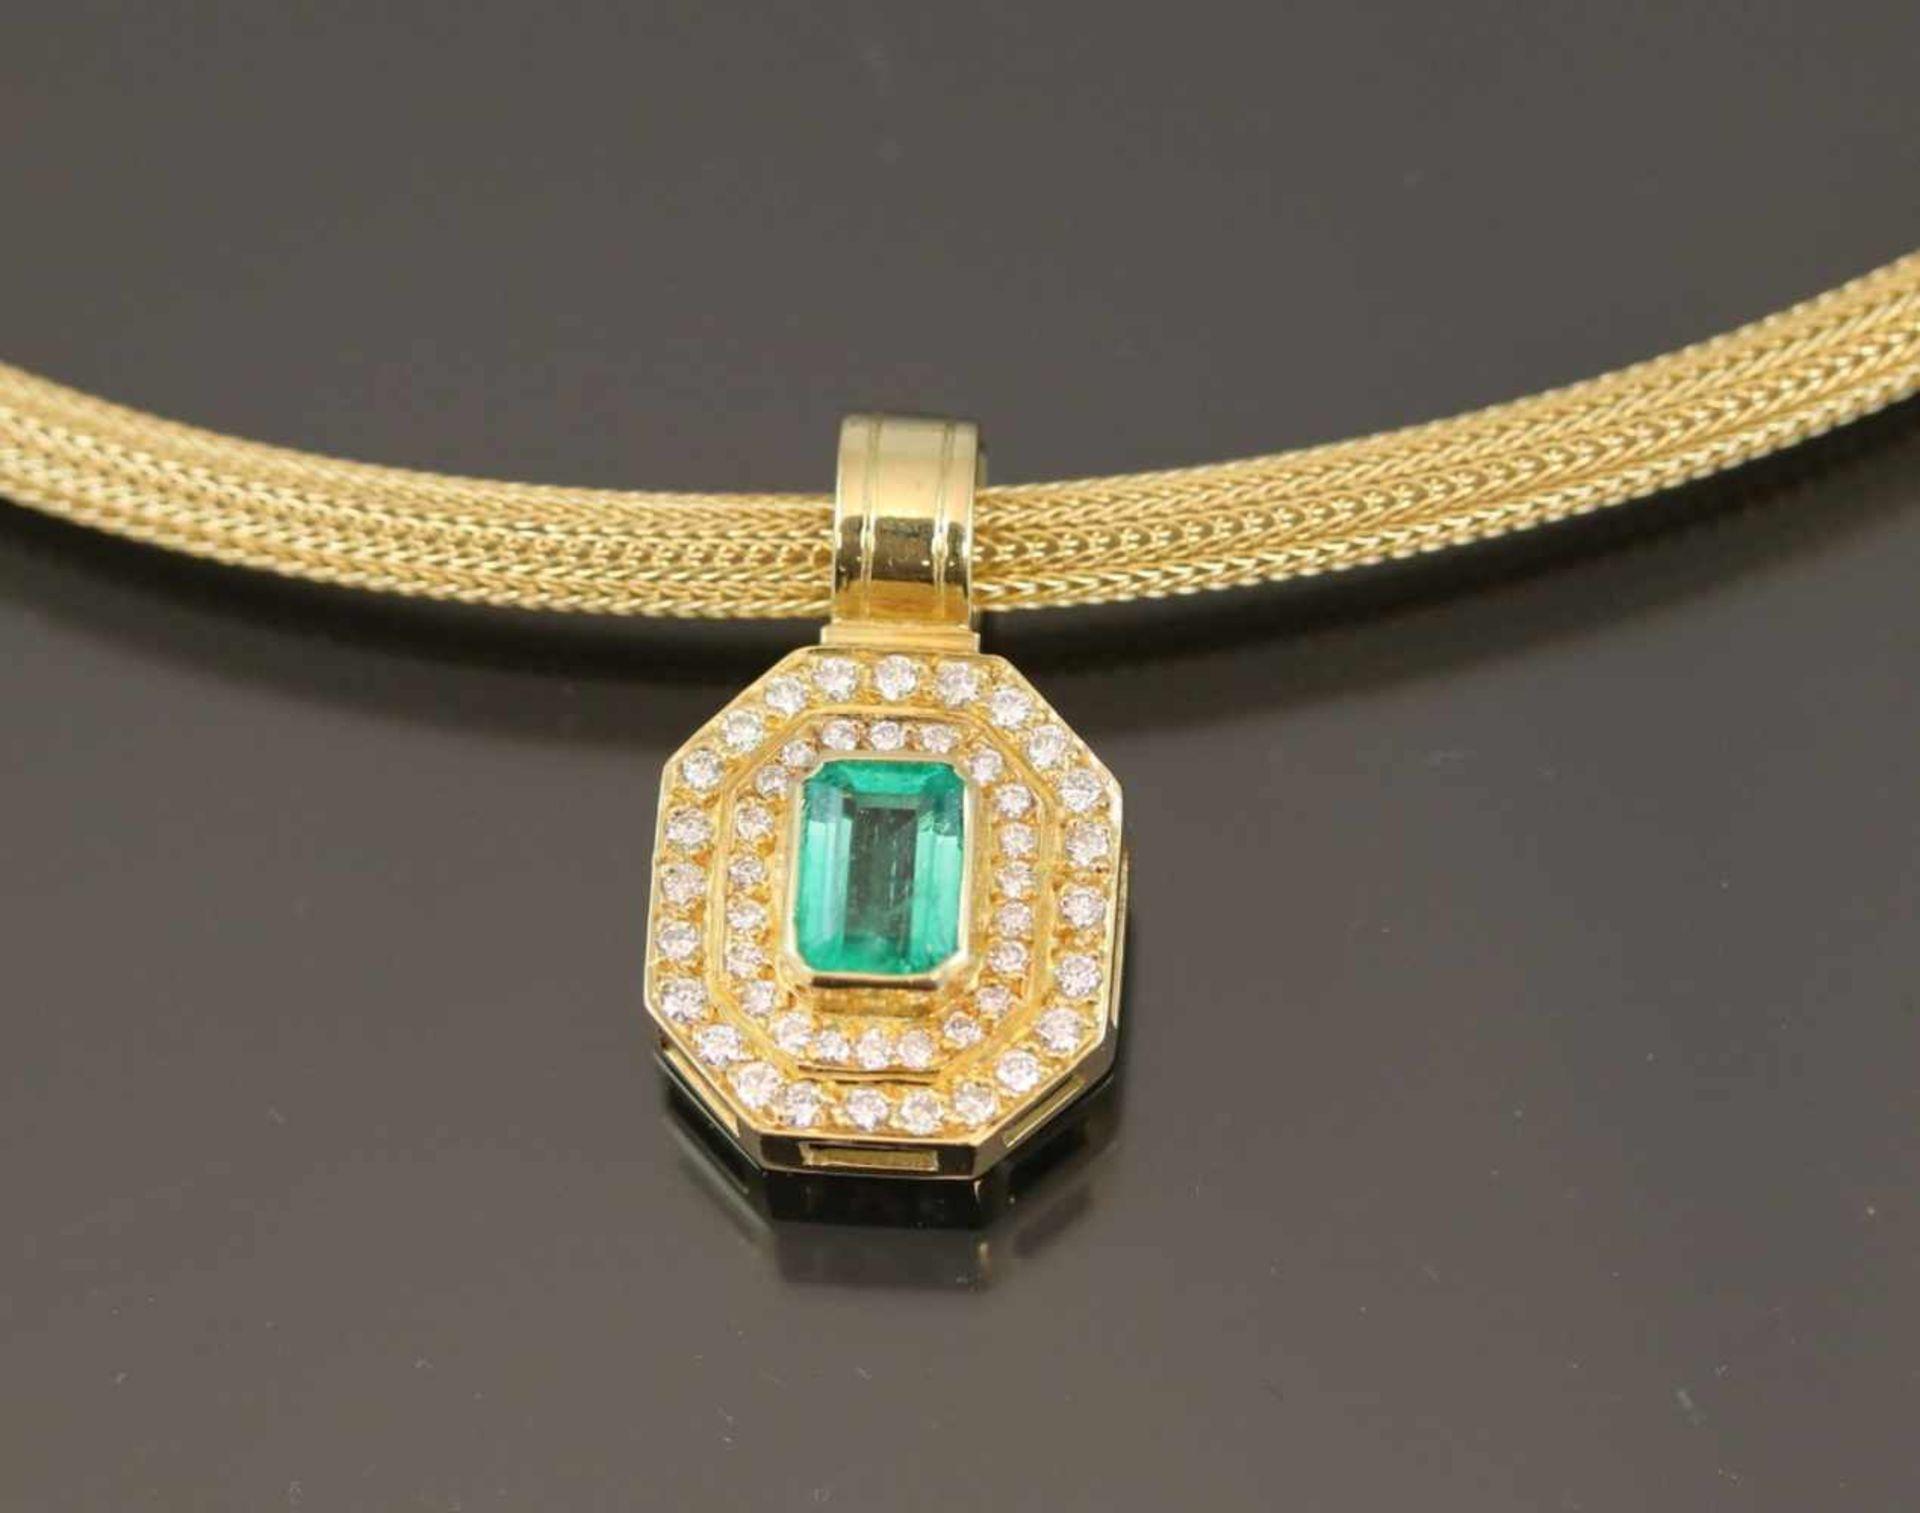 Smaragd-Brillant-Set, 750 Gelbgold34,9 Gramm Brillanten, 1,14 ct., tw/vvsi. Set besteht aus einem - Bild 7 aus 7